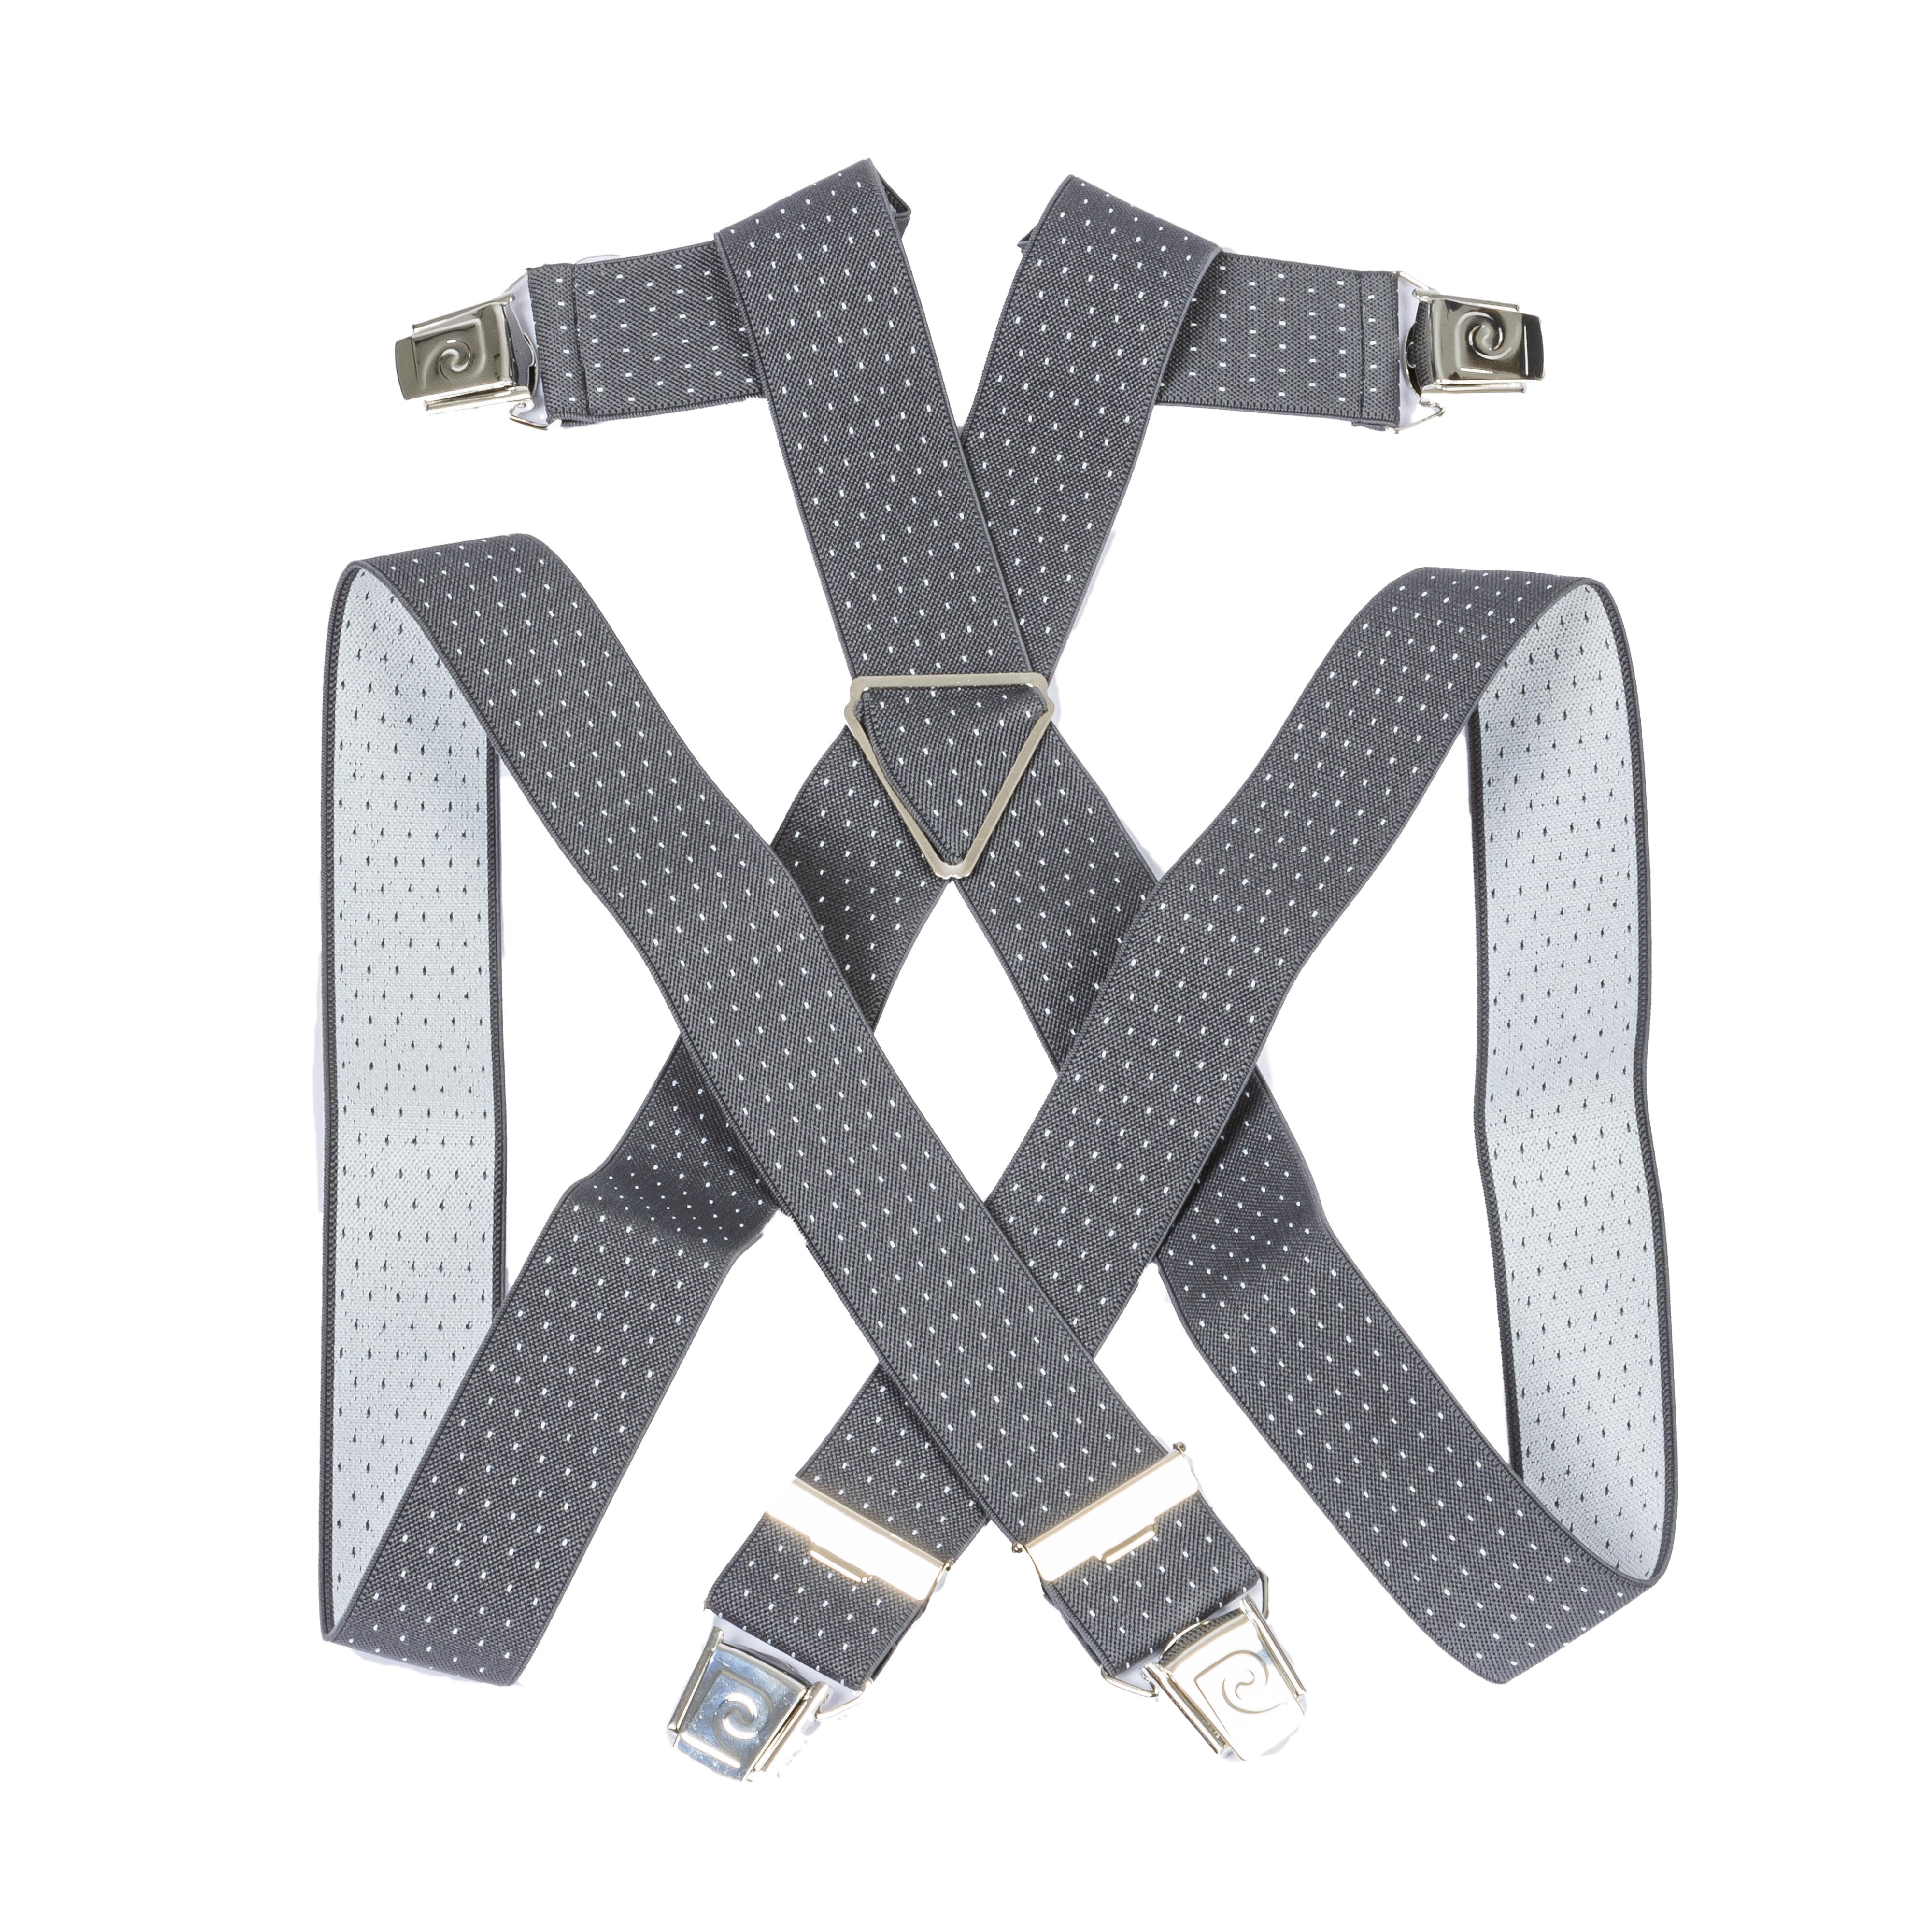 Bretelles pierre cardin gris anthracite à motifs blancs